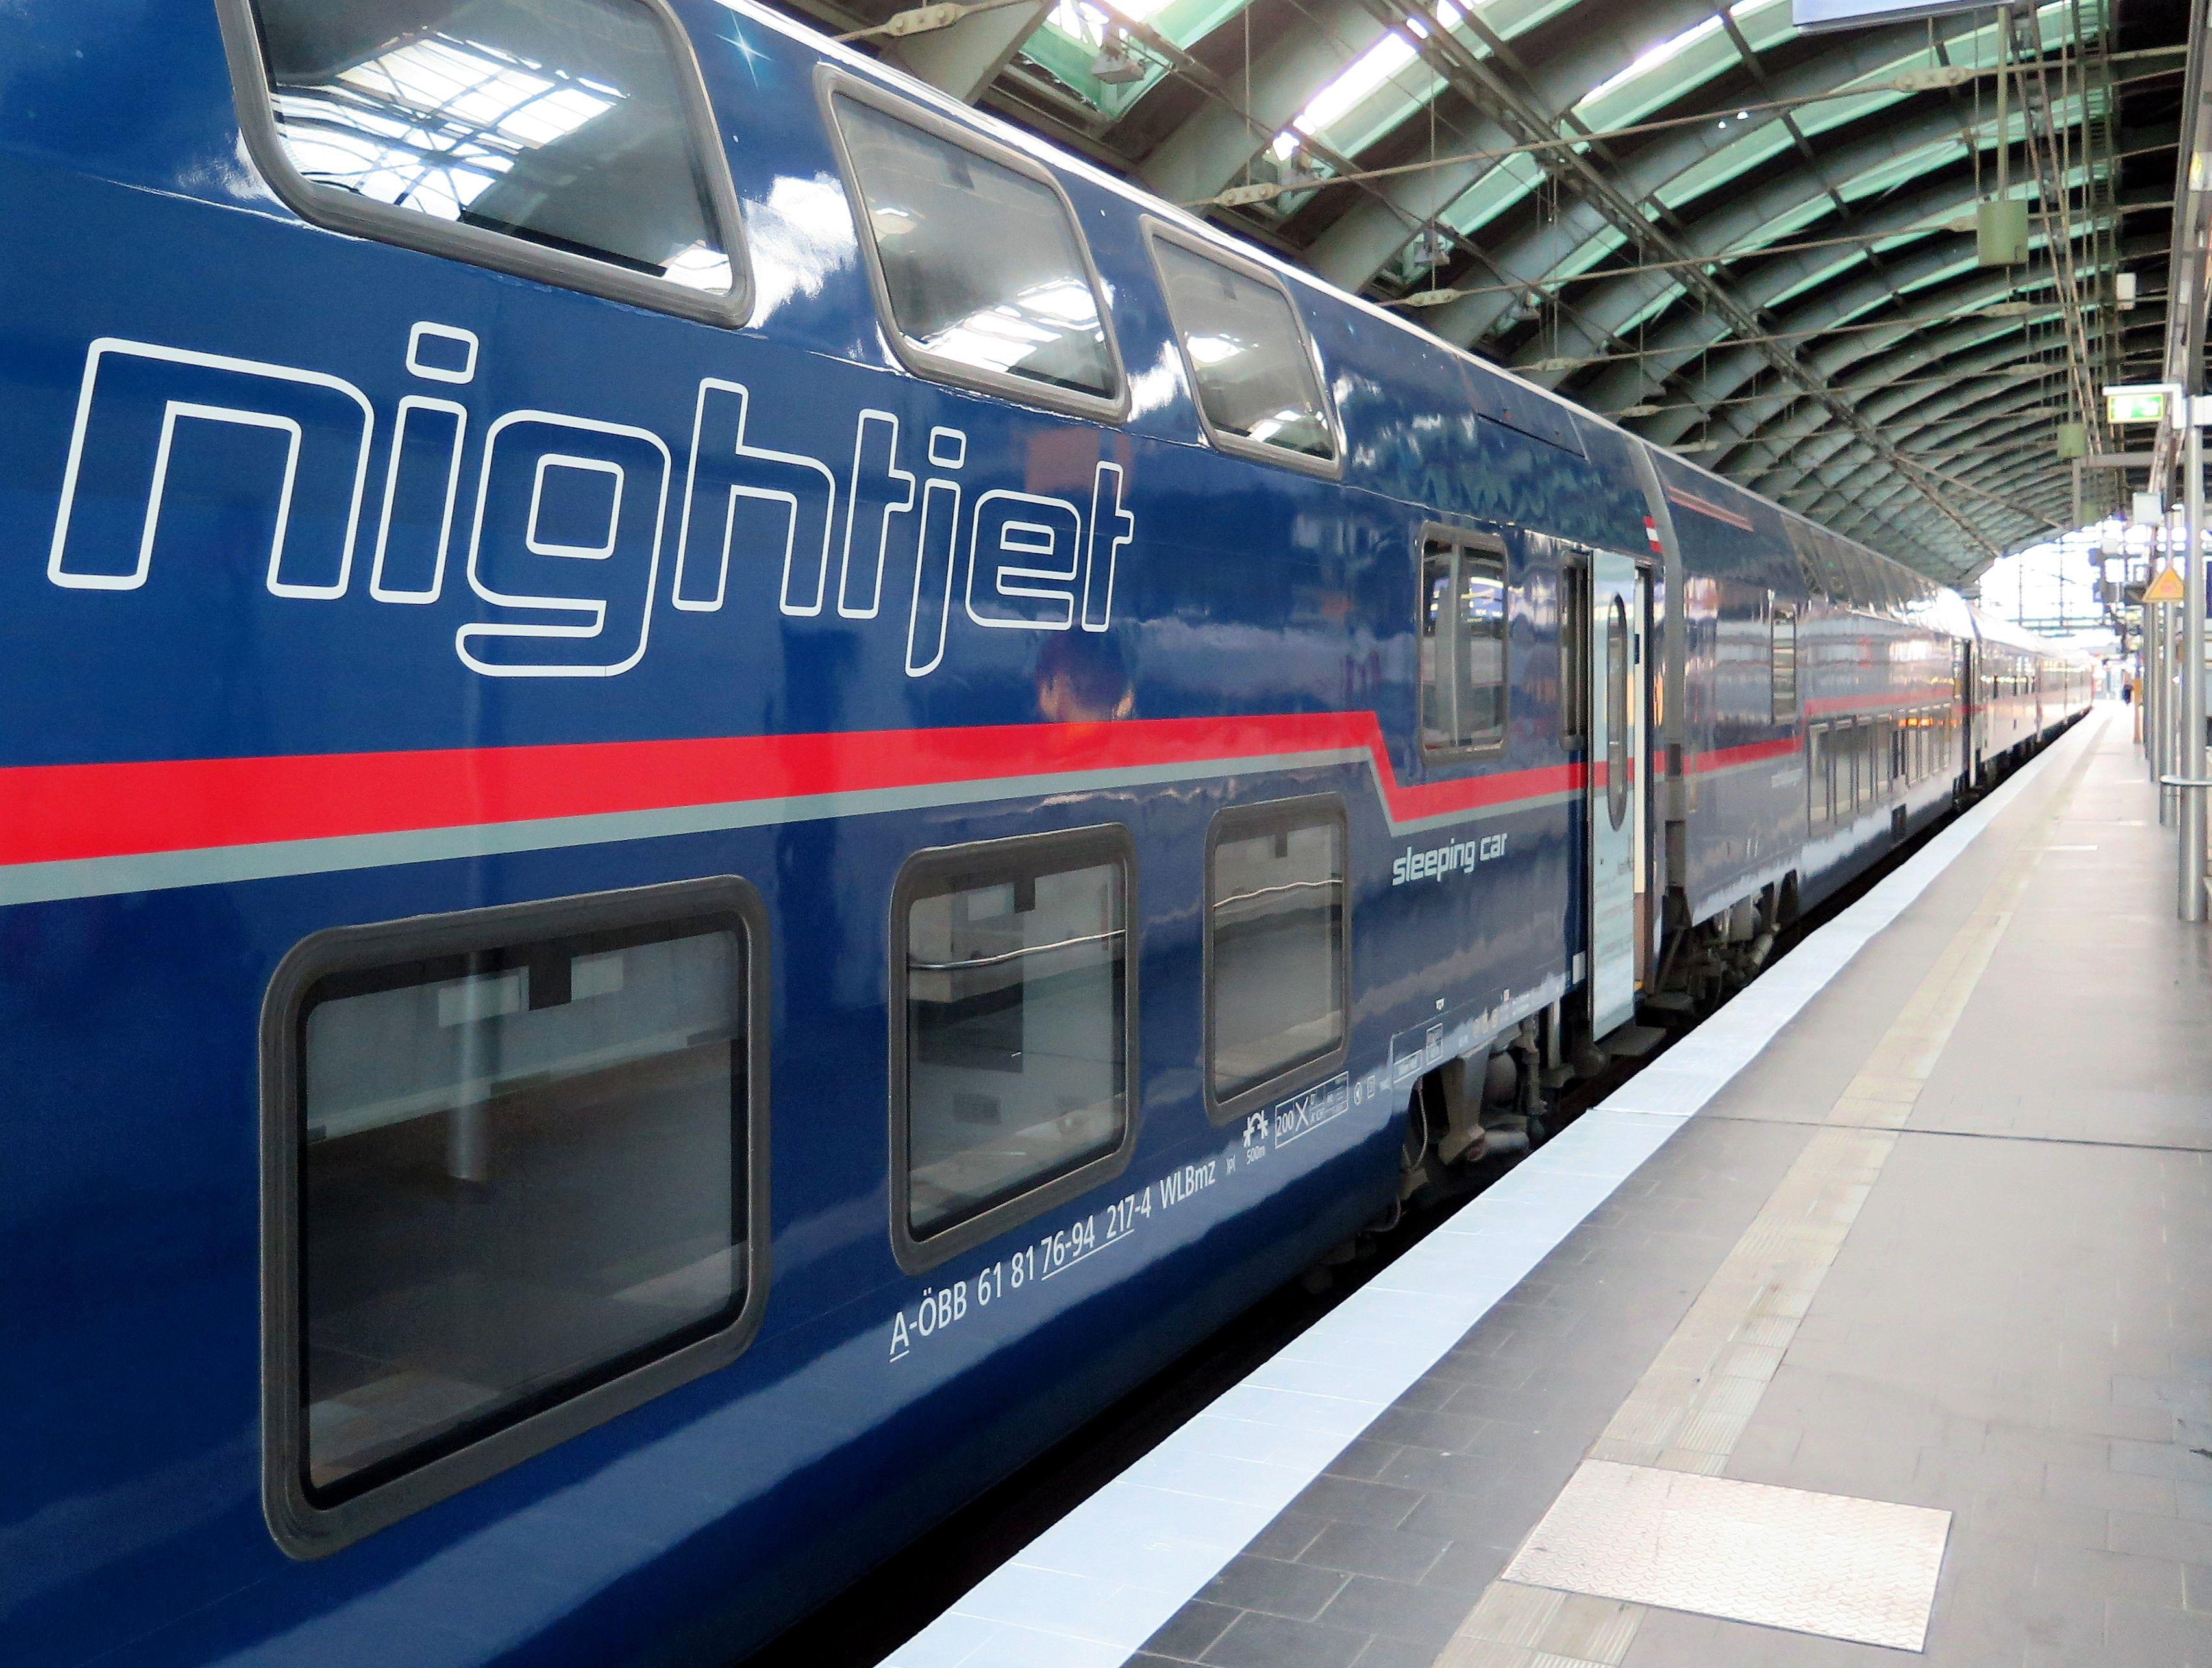 Erfreuliche Fahrgastzahlen Für Den öbb Nightjet Info24bahnnews